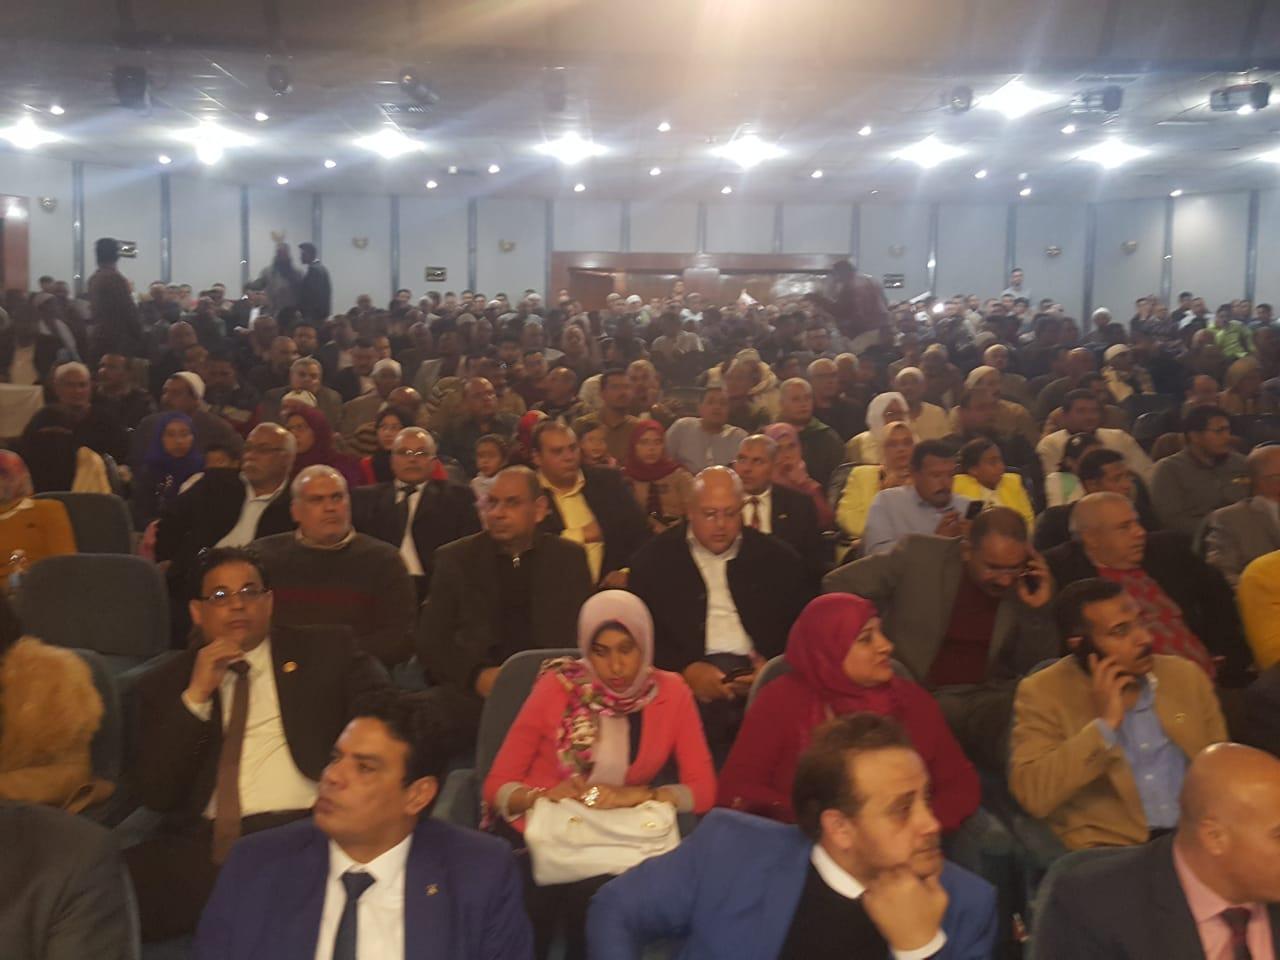 مؤتمر لحزب الحربة لدعم التعديلات الدستورية 1